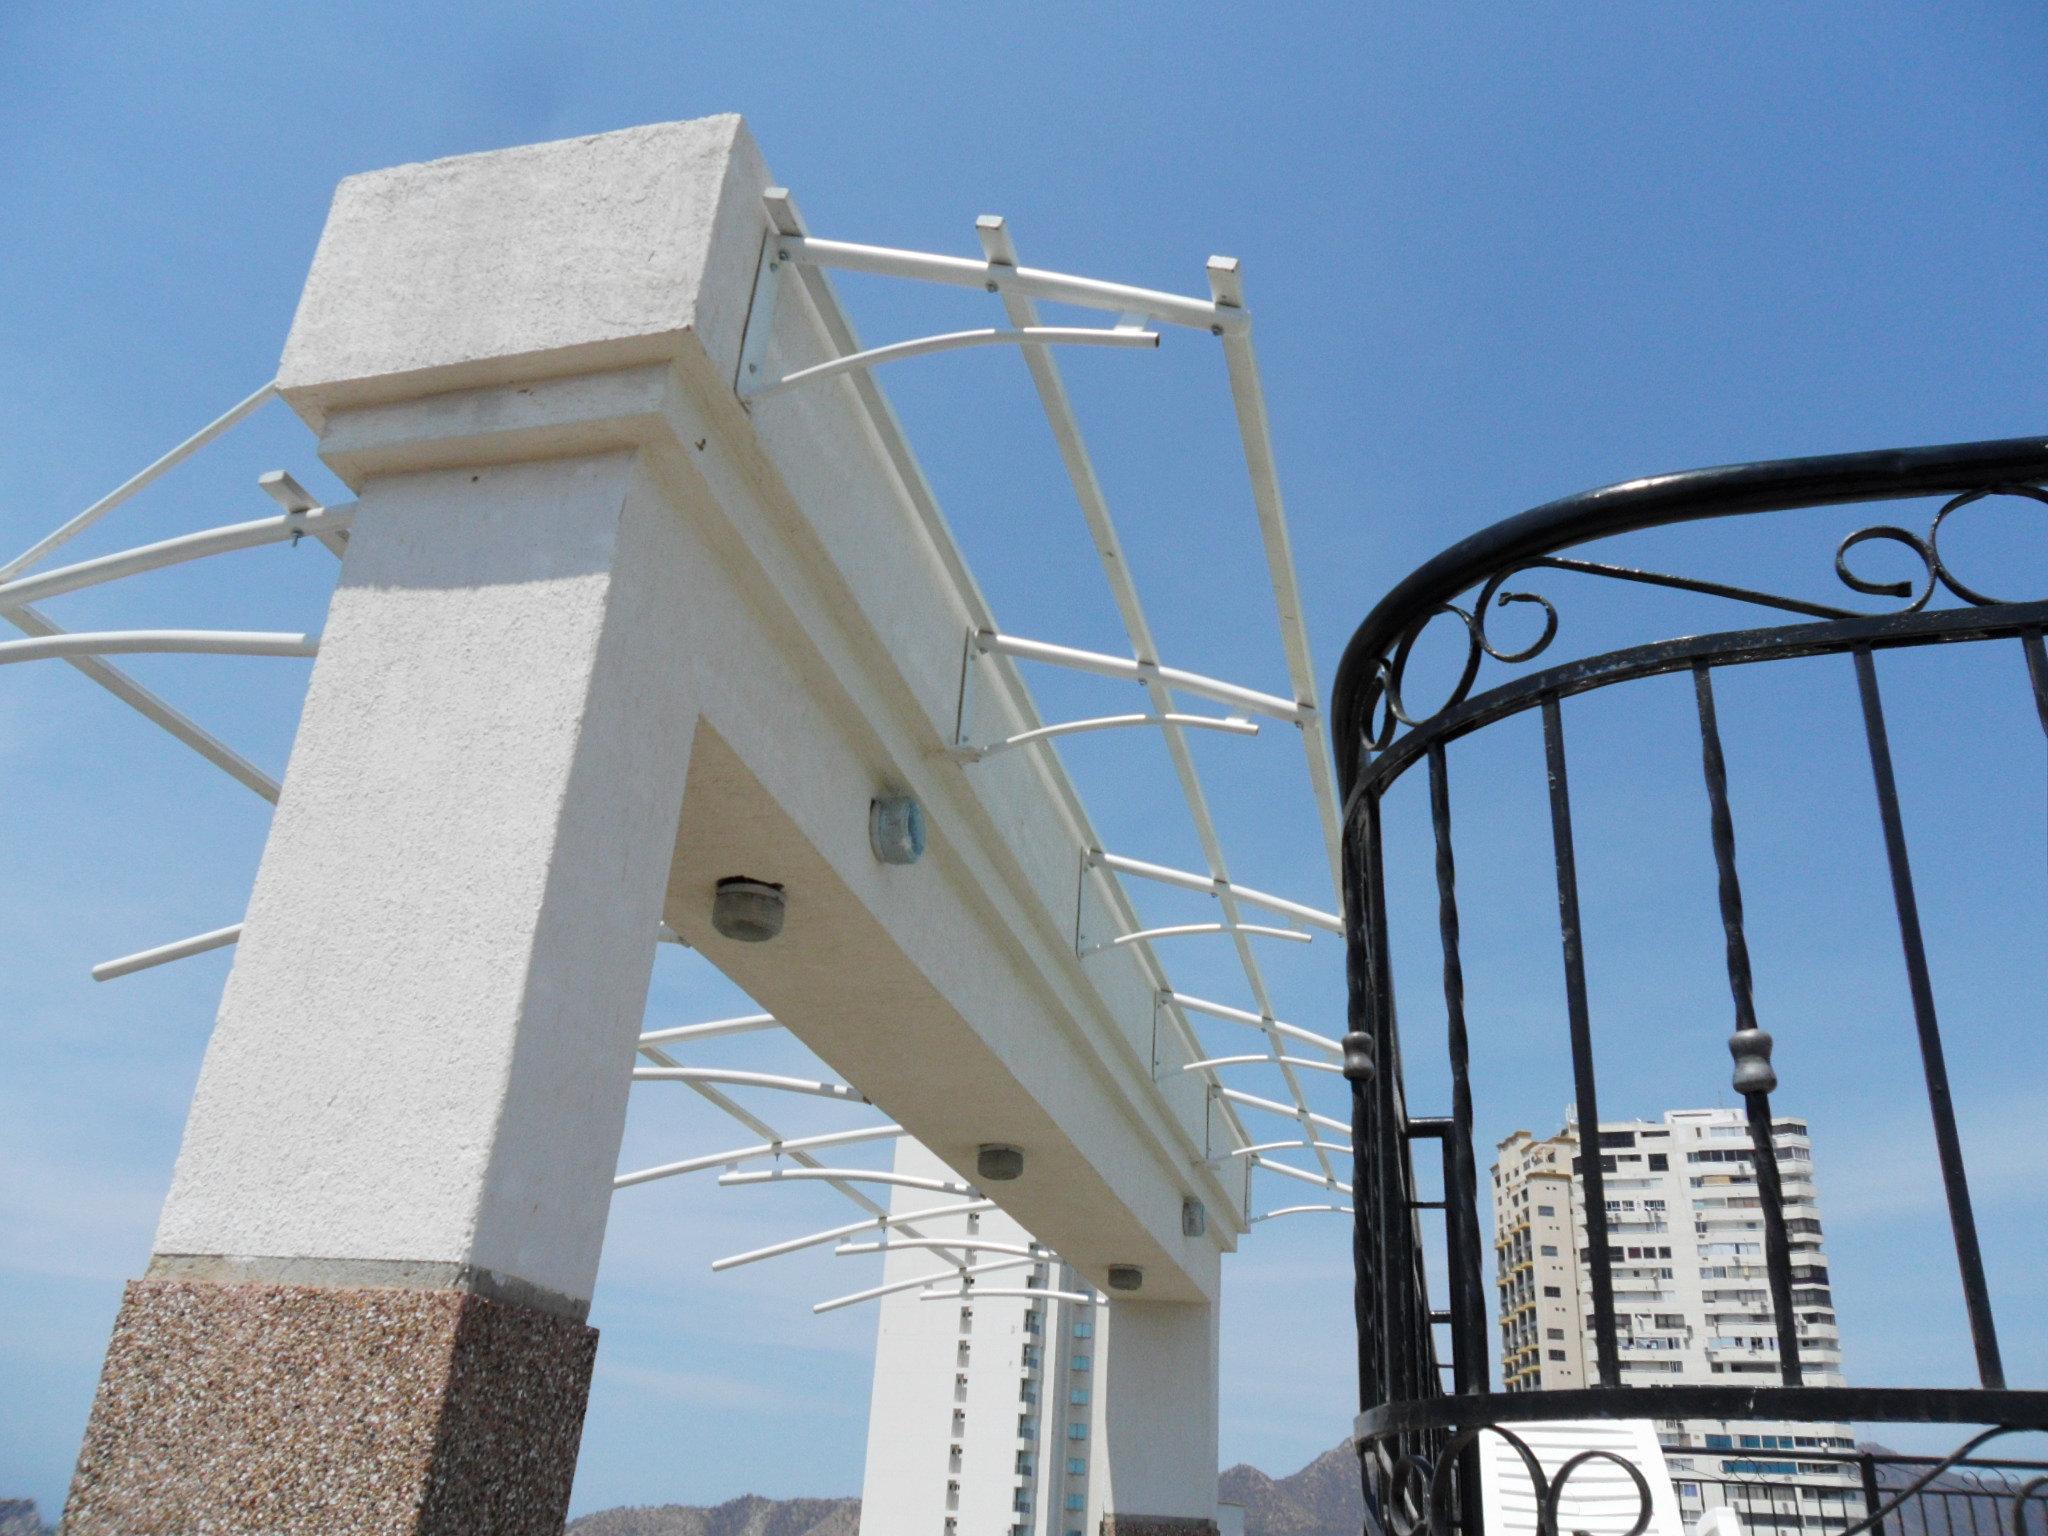 Parasoles y persiana del magdalena estructuras para techos for Estructuras para piscinas